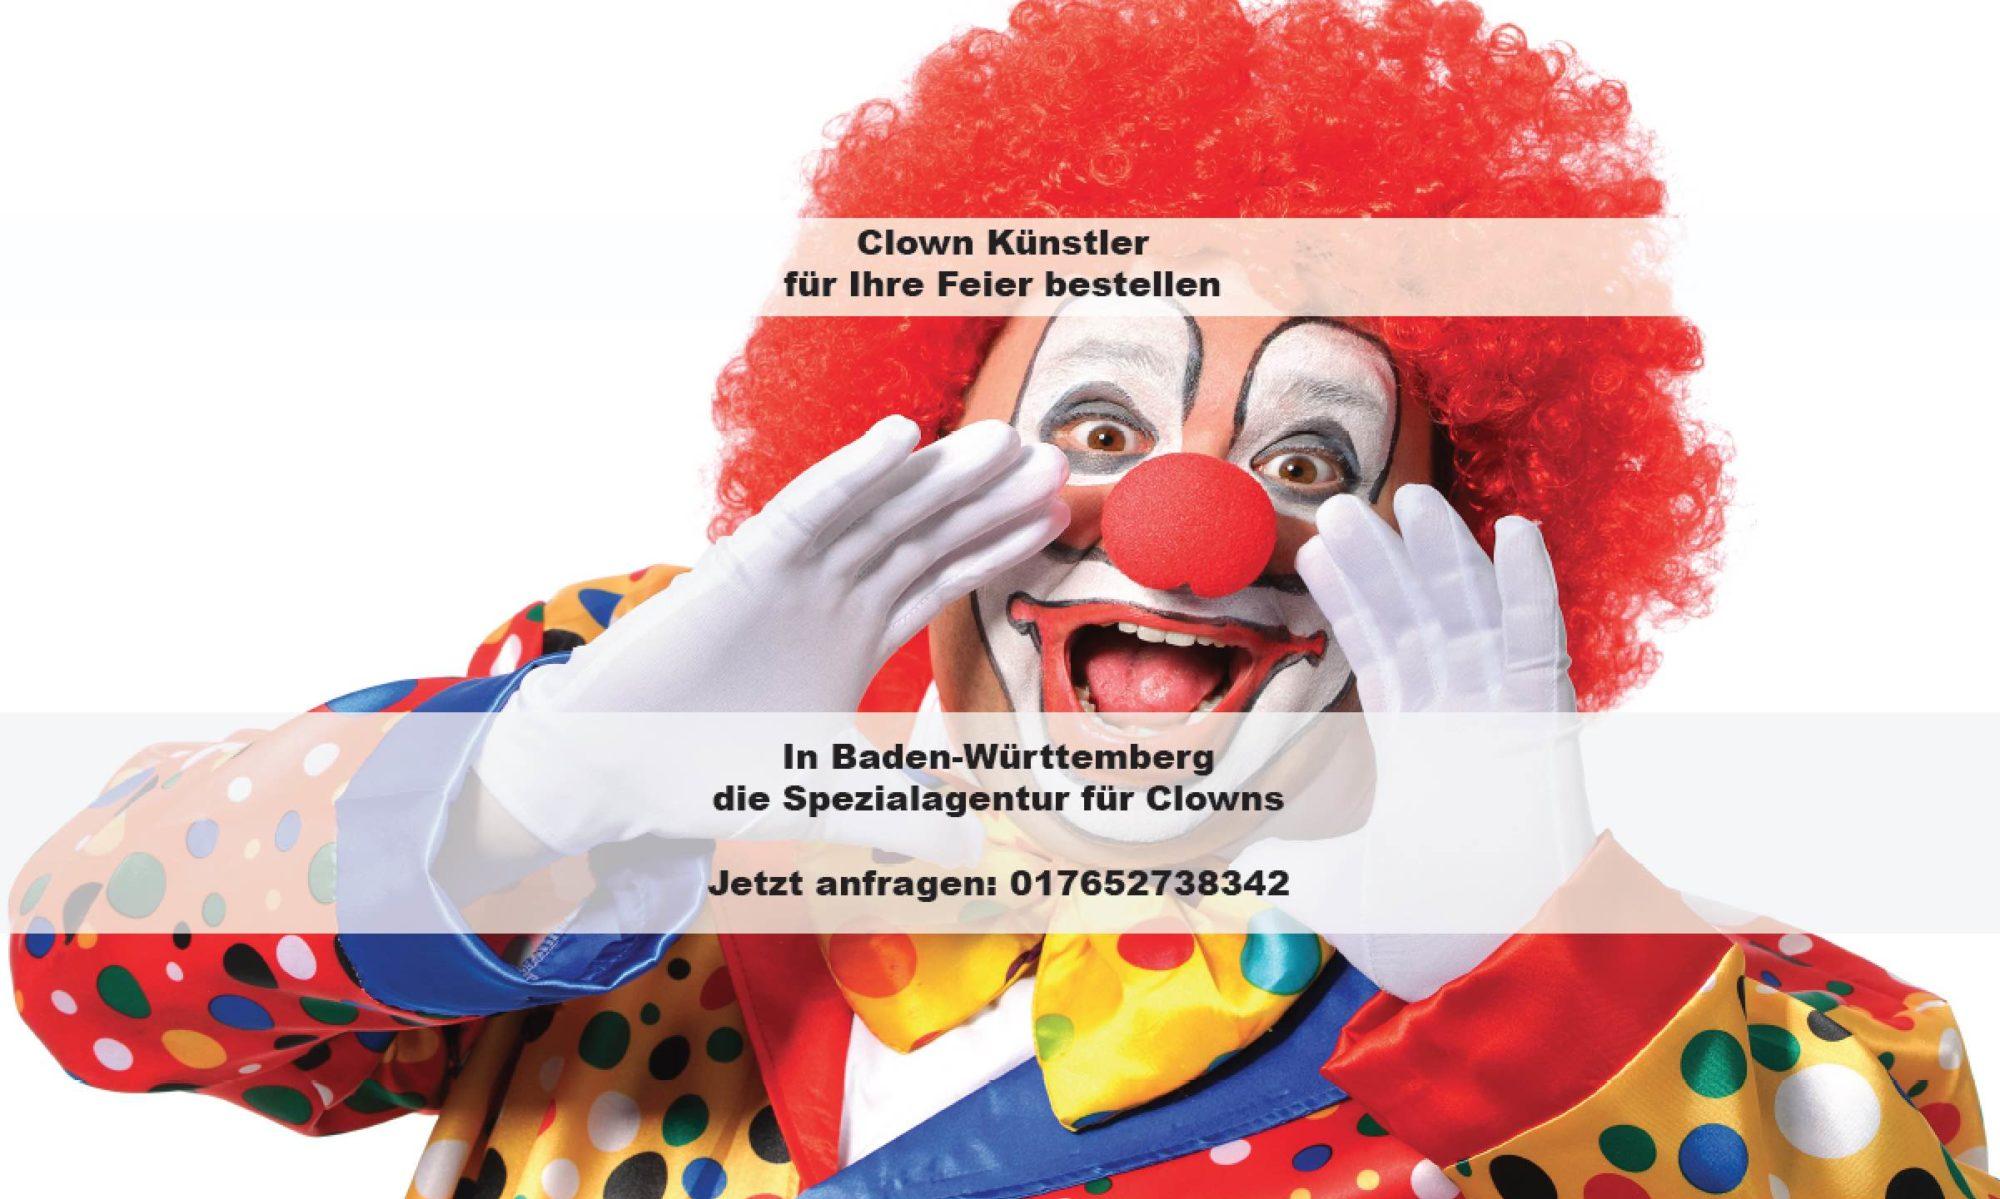 Clown für Ihre Feier bestellen, PartyClown in Stuttgart, Clown Baden Württemberg, Clown Stuttgart, Clown Stuttgart, Clown Ludwigsburg, Clown Stuttgart, Clown Stuttgart, Clown mieten, Clown Kindergeburtstag, Clown Kita, Clown Show, ZauberClown Show, Ballon Modellage